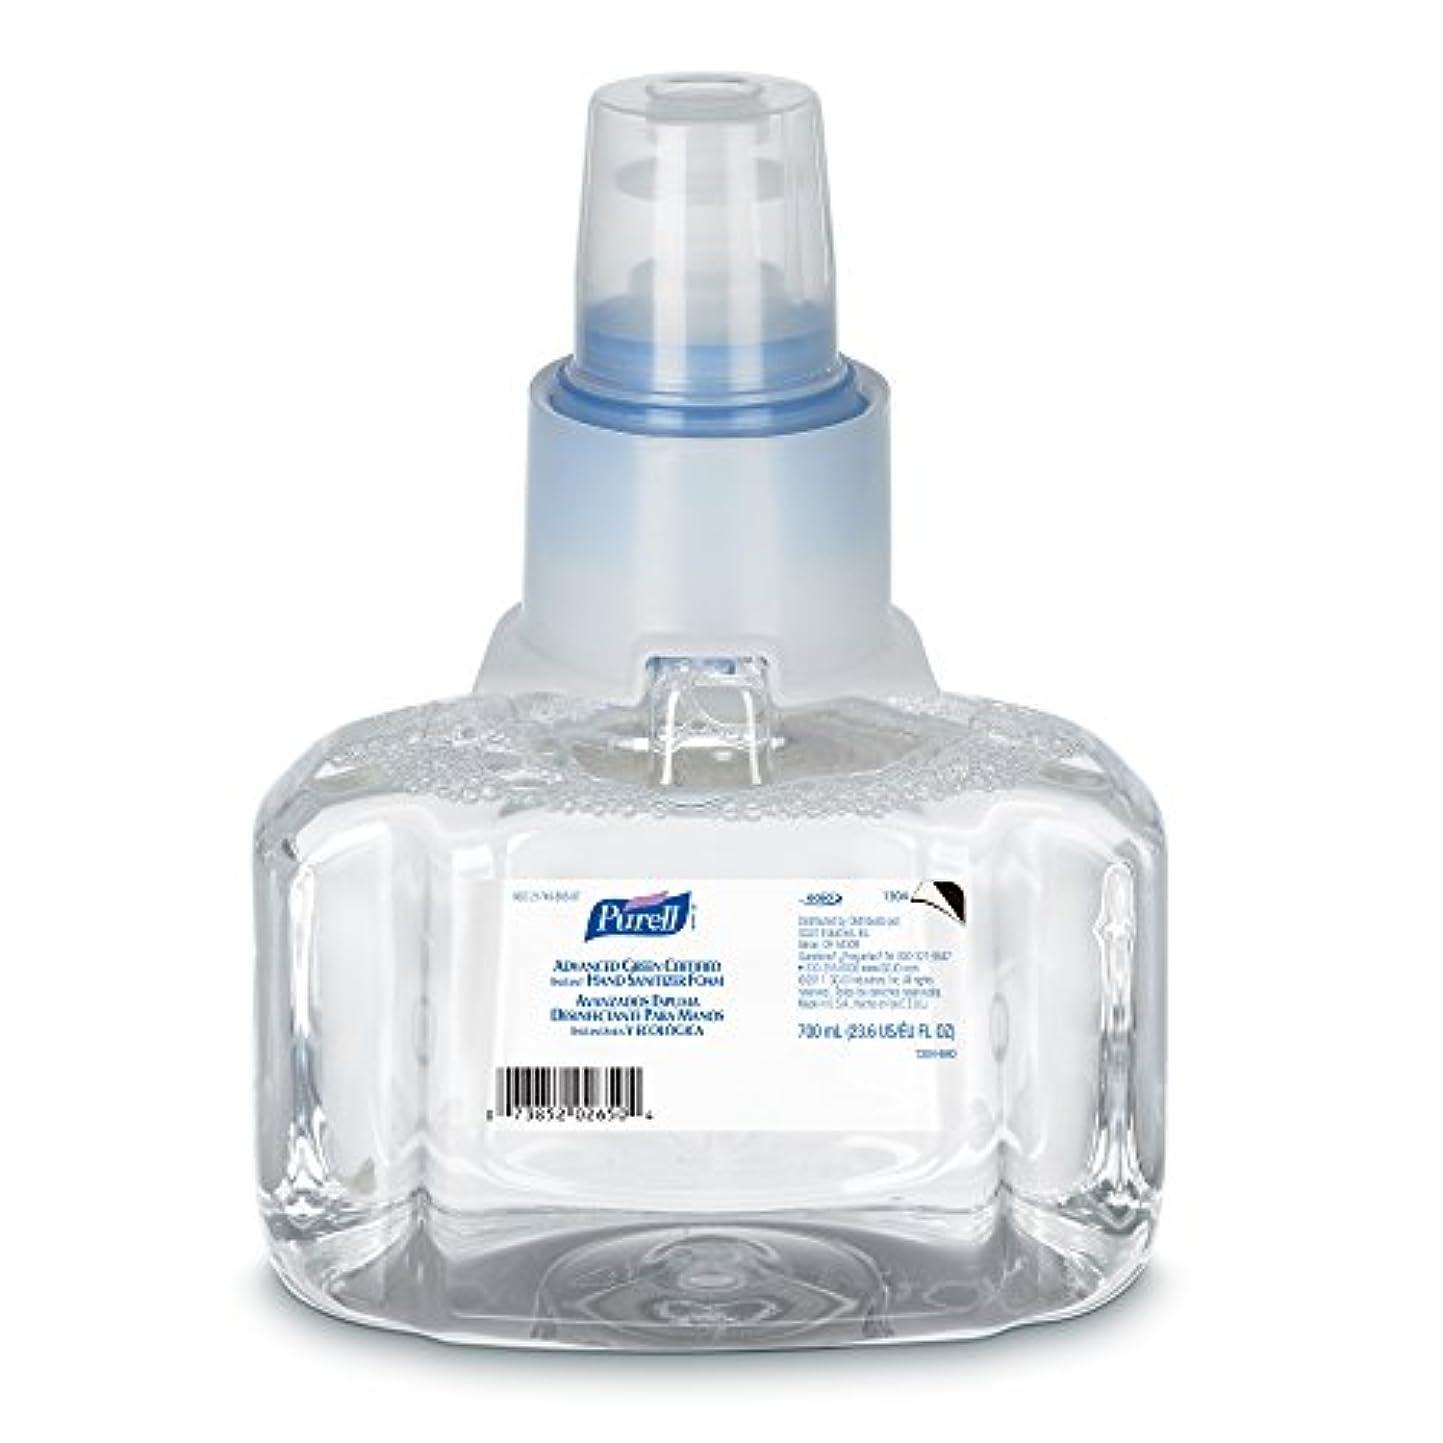 校長するだろう温度Purell 1304-03 Advanced Green Certified Instant Hand Sanitizer Foam, 700 ml Refill (Pack of 3) by Purell